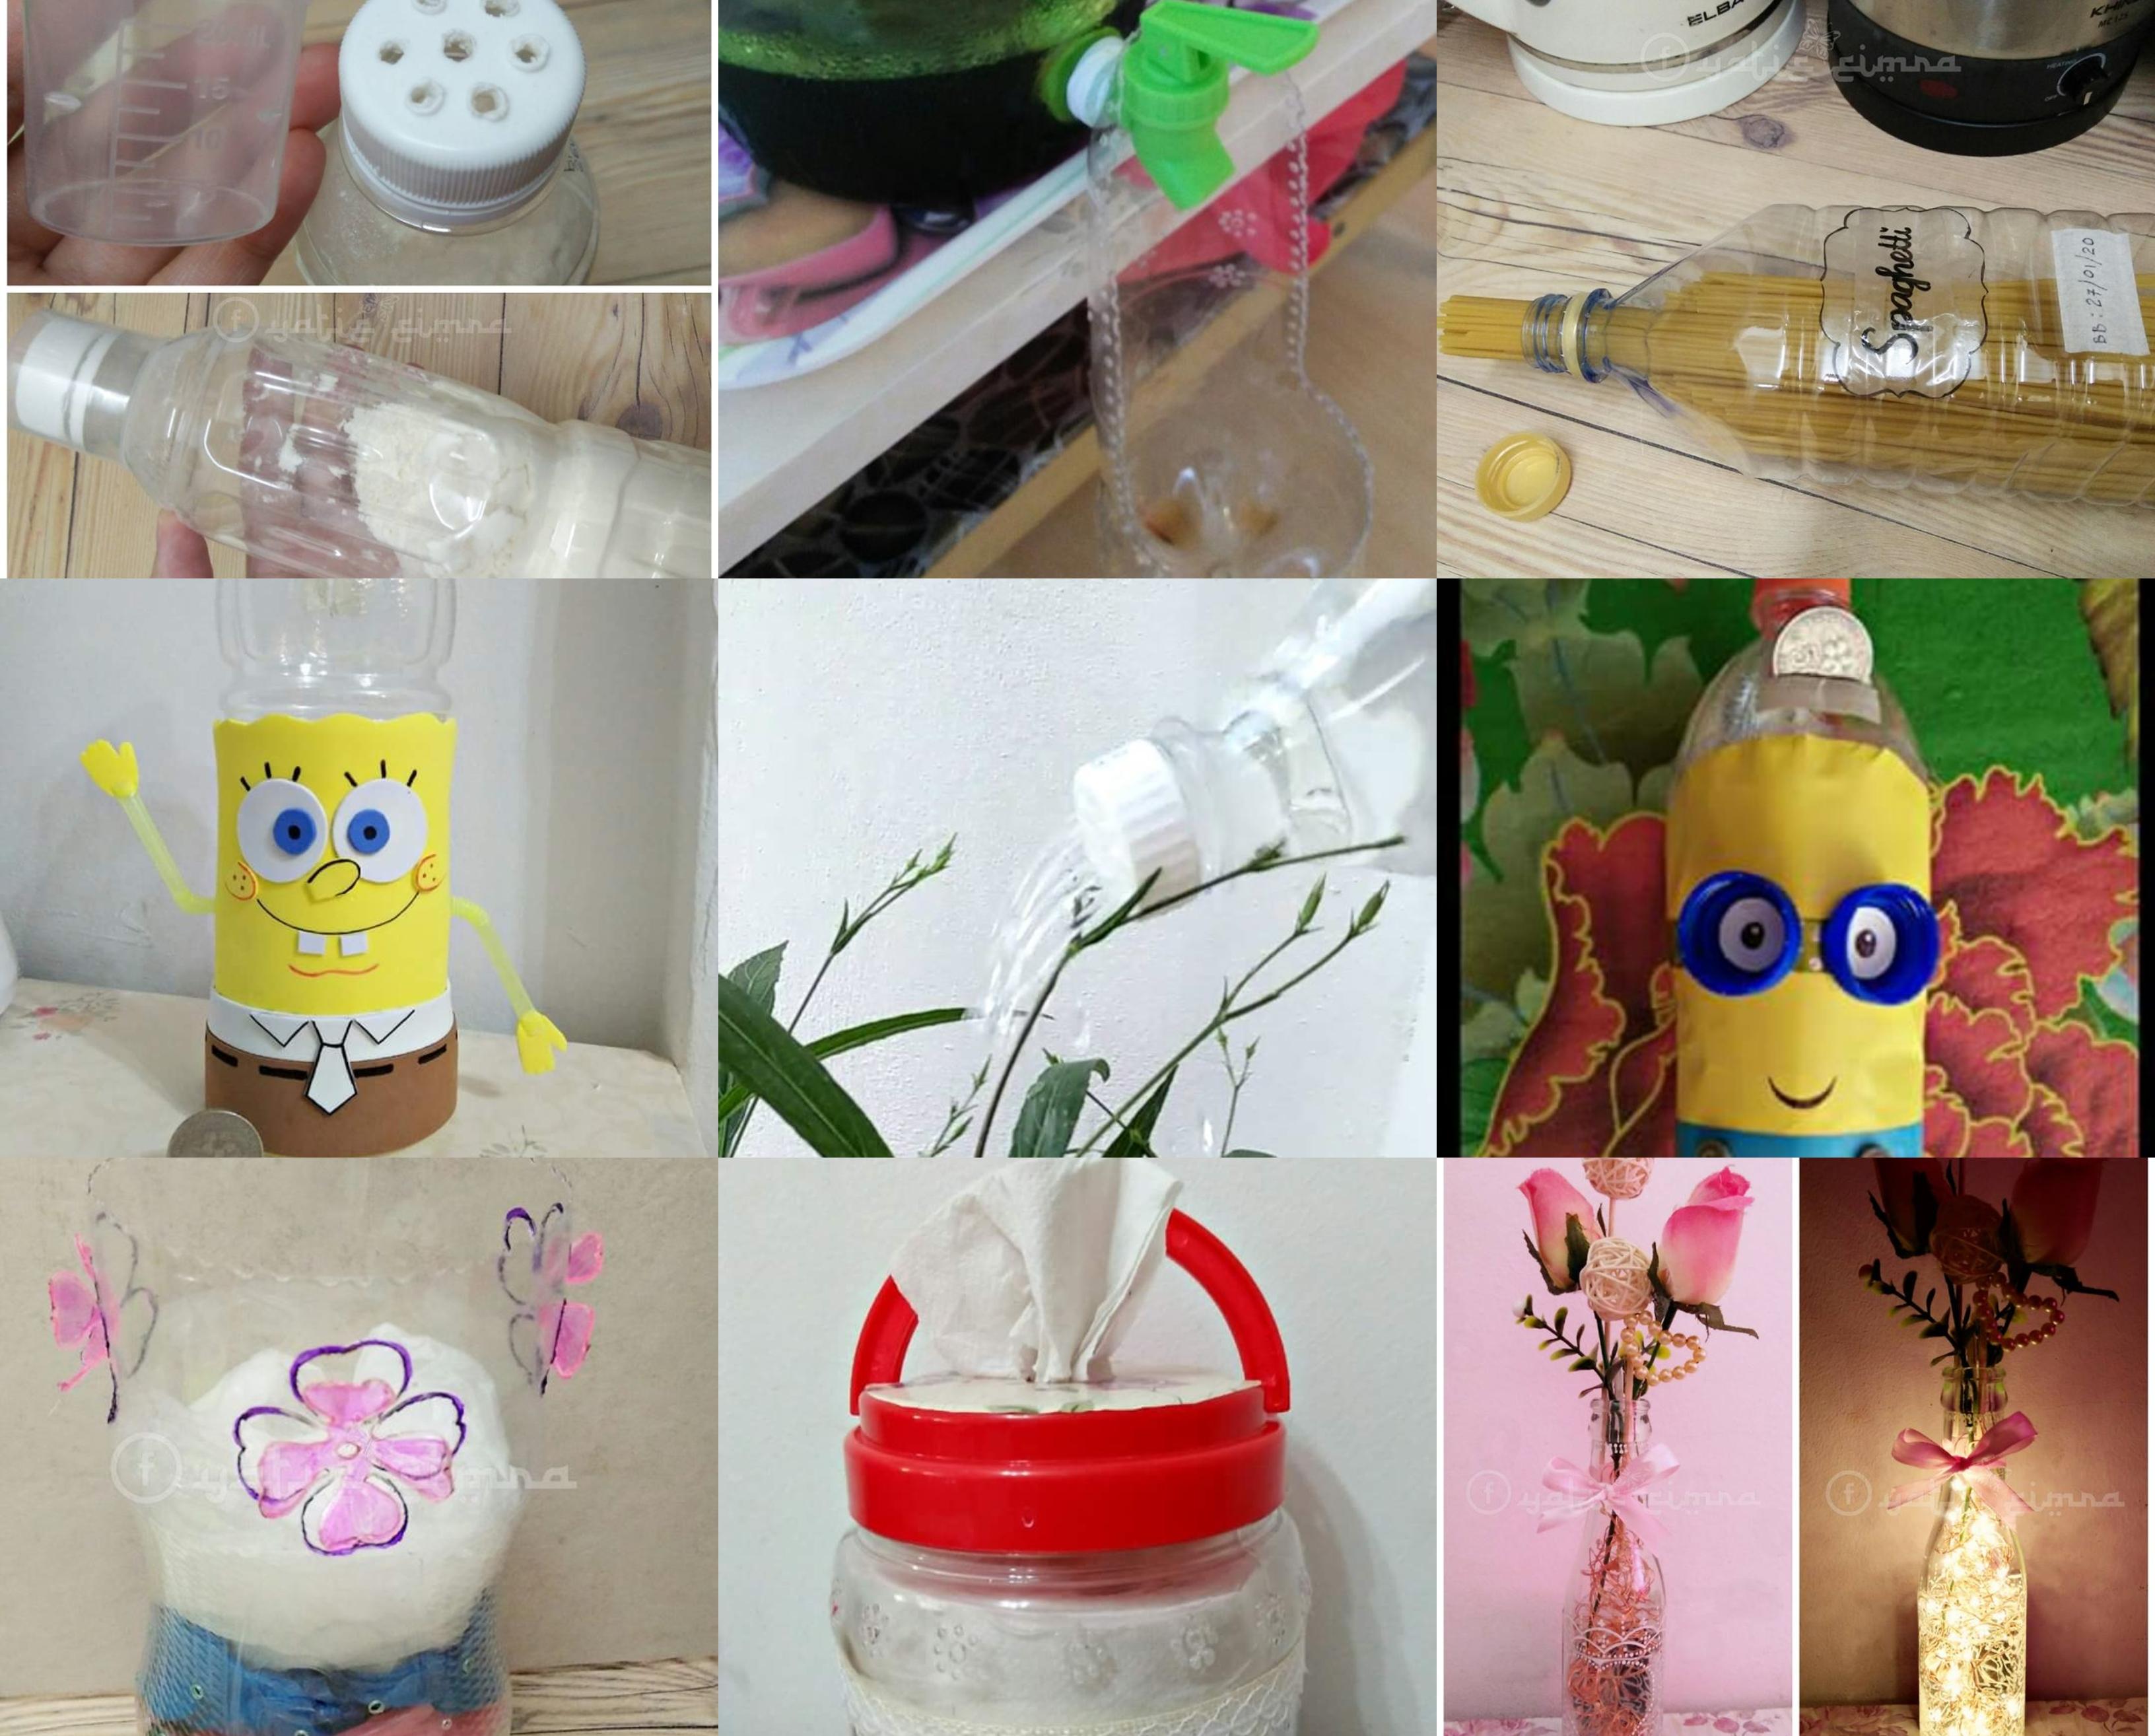 Gambar Botol Lama Jangan Dibuang Ini Antara Produk Kitar Semula Yang Kita Boleh Hasilkan Untuk Kegunaan Di Rumah